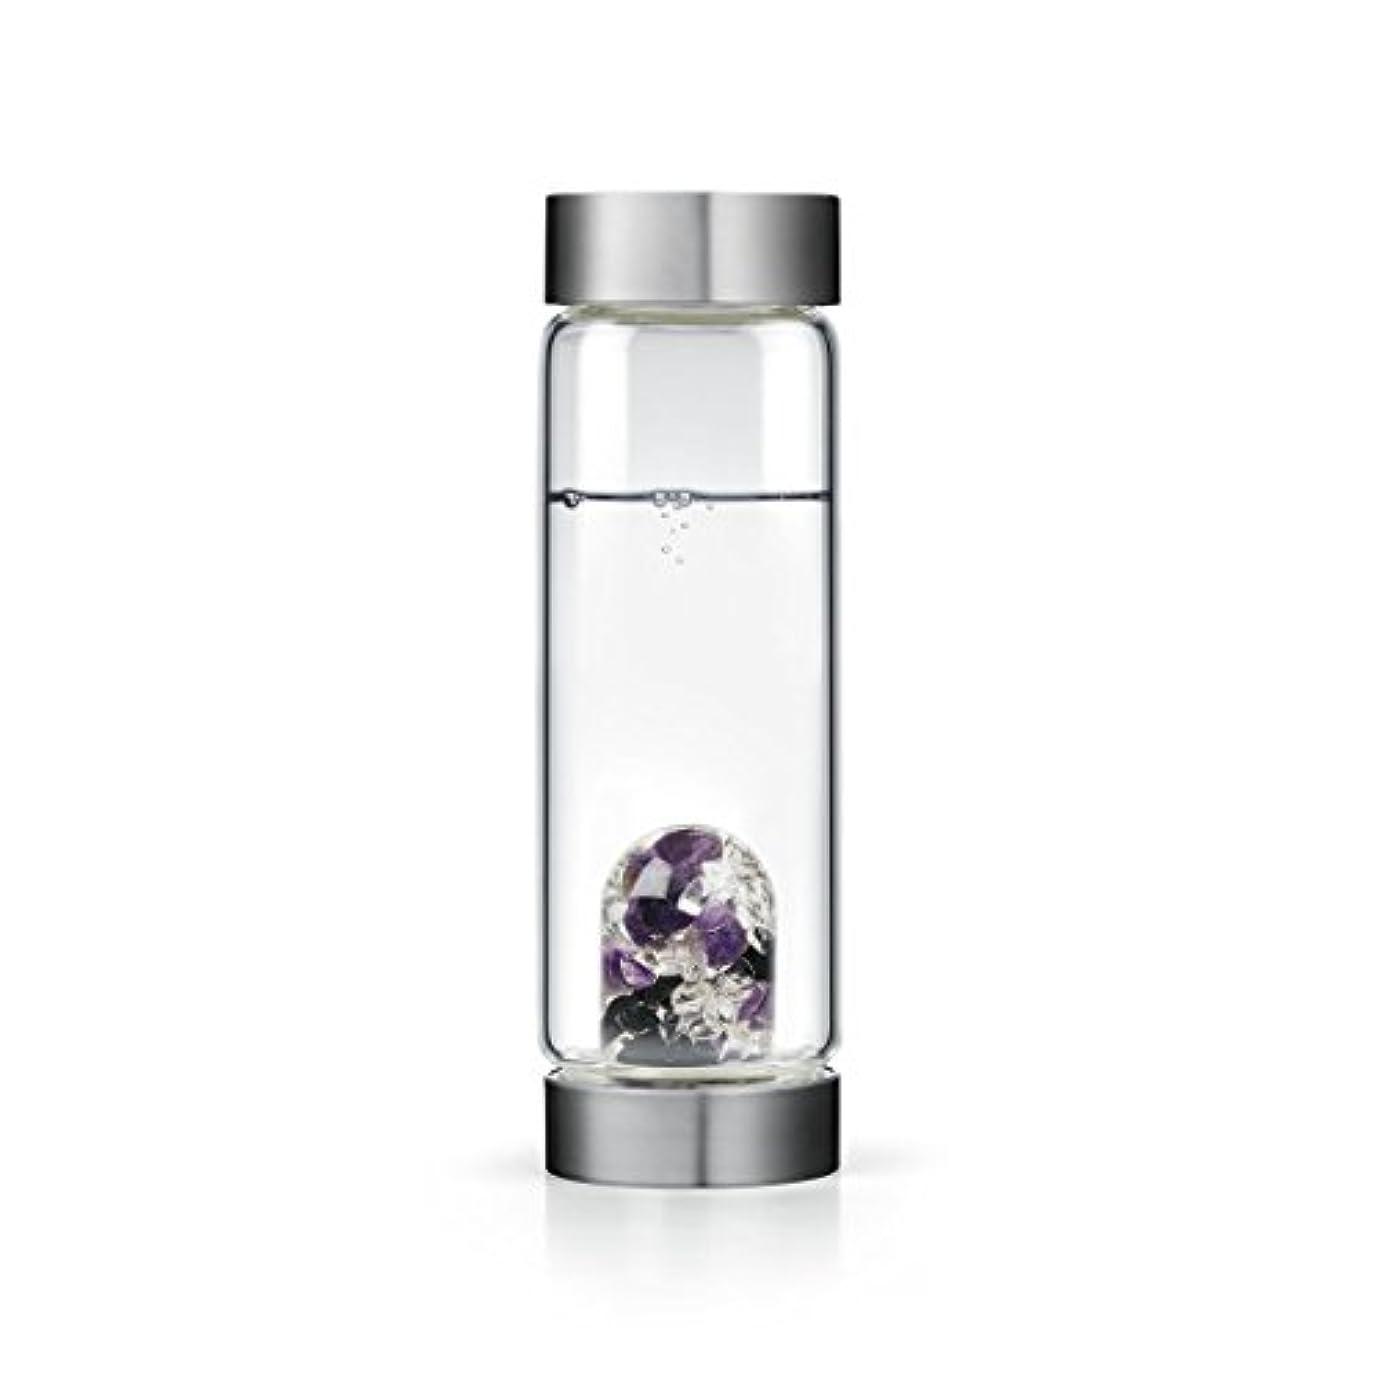 裸コンパニオン方言Guardian gem-waterボトルby VitaJuwel W / Freeカリフォルニアホワイトセージバンドル 16.9 fl oz